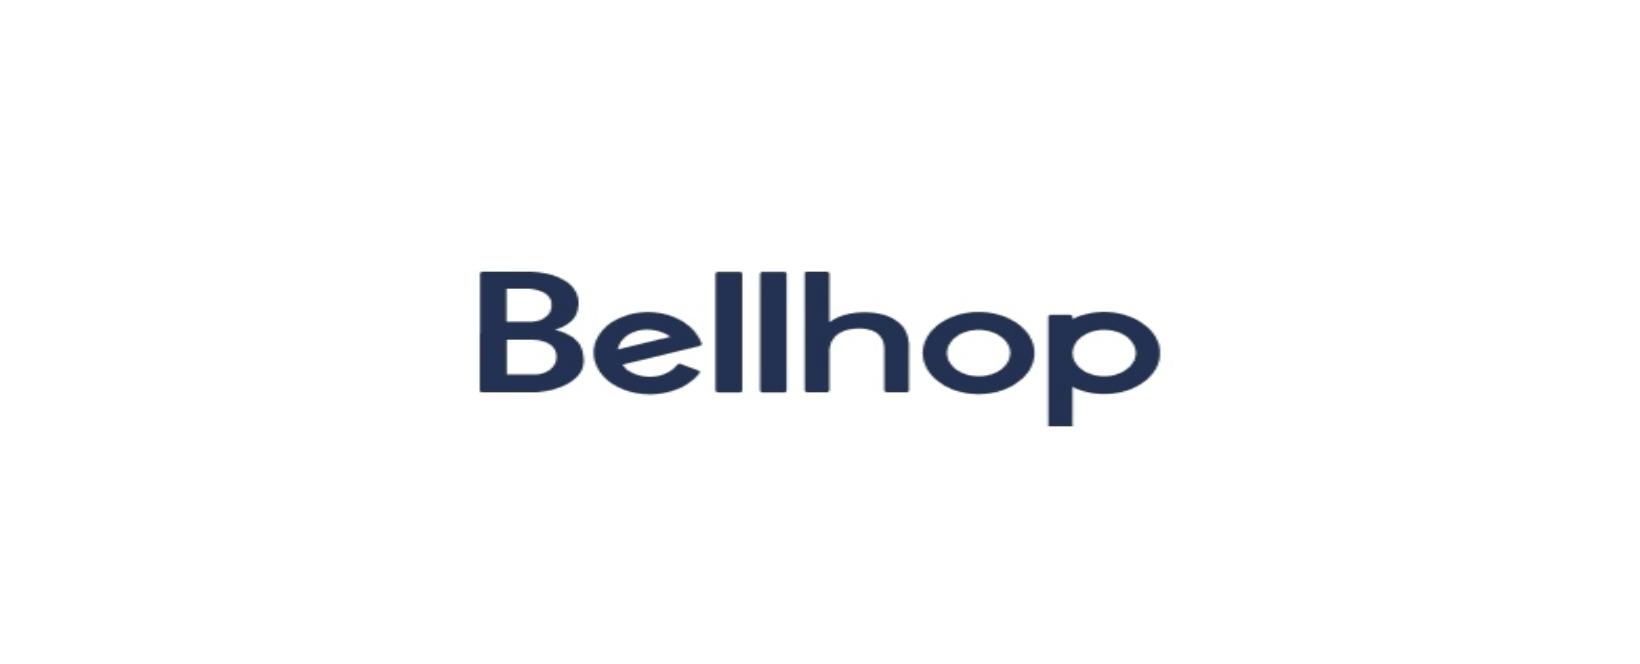 Bellhop Discount Code 2021